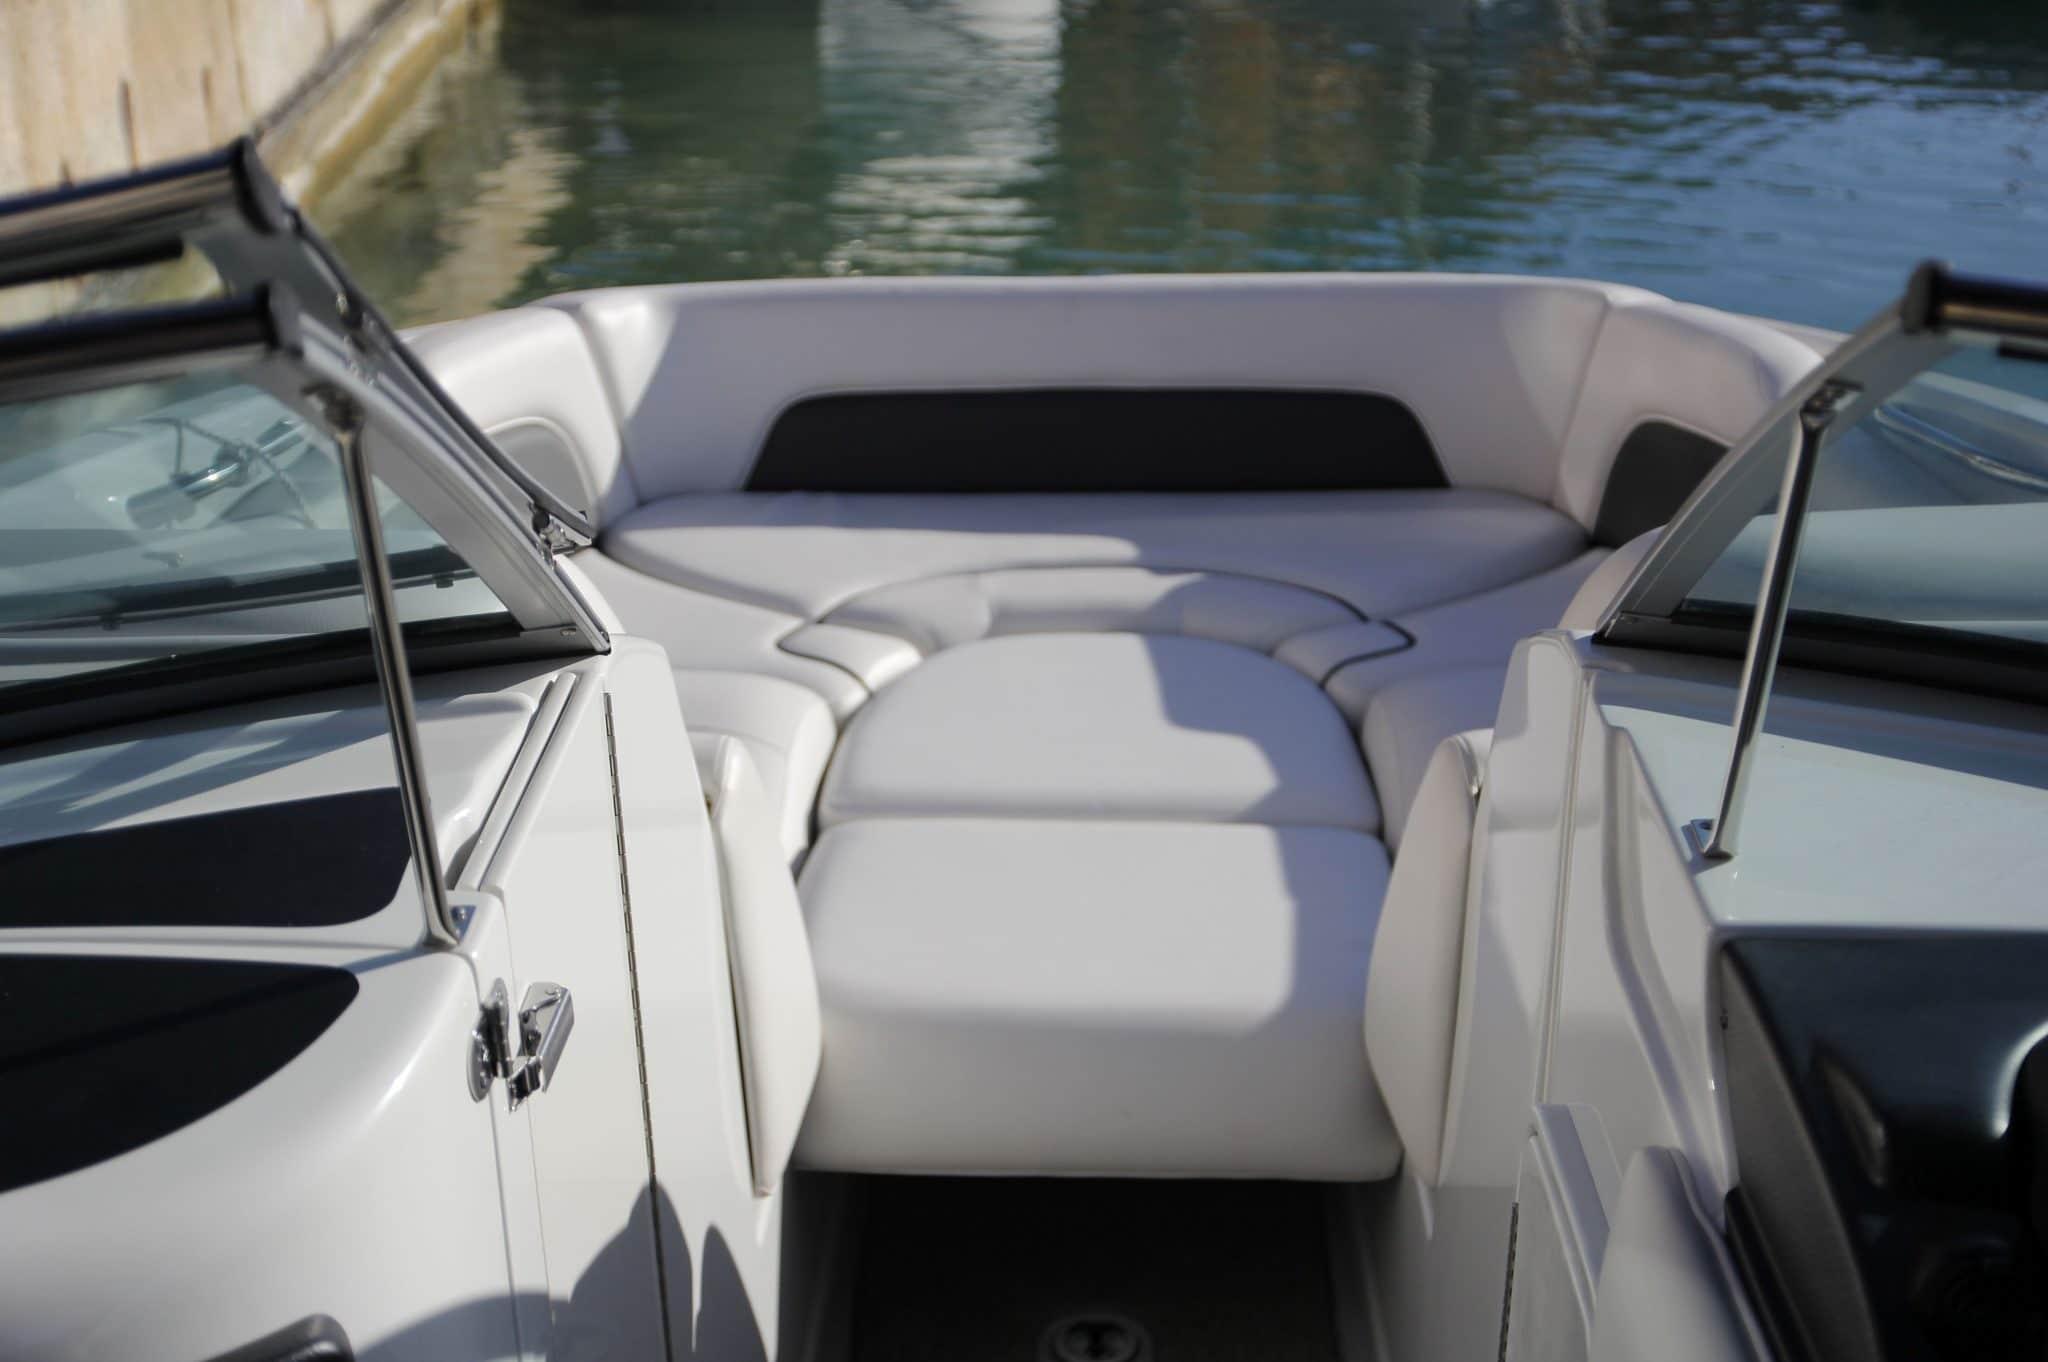 Motorboot_CrownlineE6_26ft_3-2048×1362 (1)